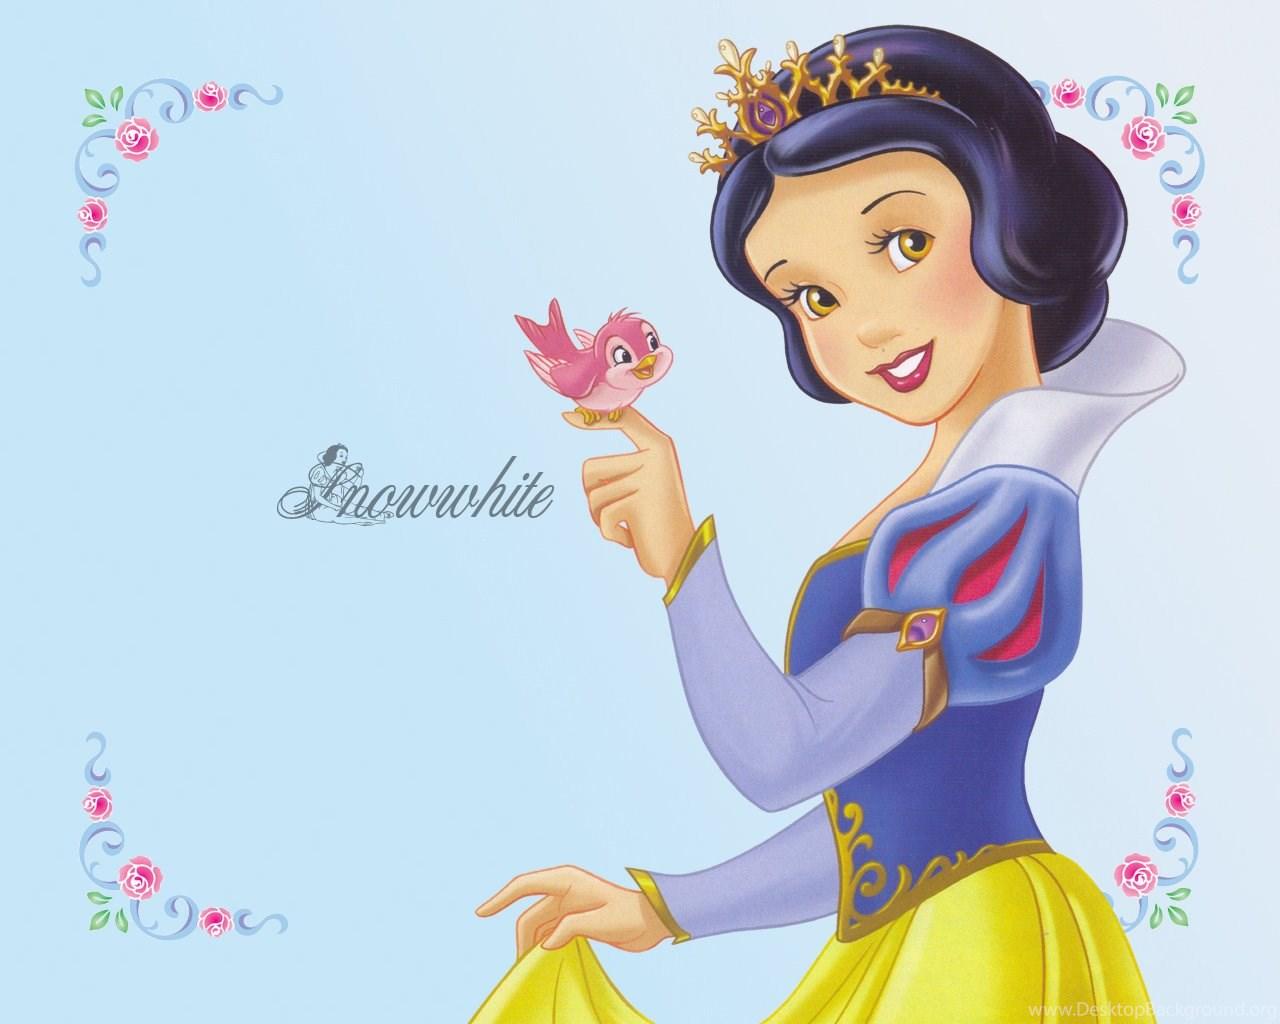 Princess Snow White Disney Wallpapers 6168312 Fanpop